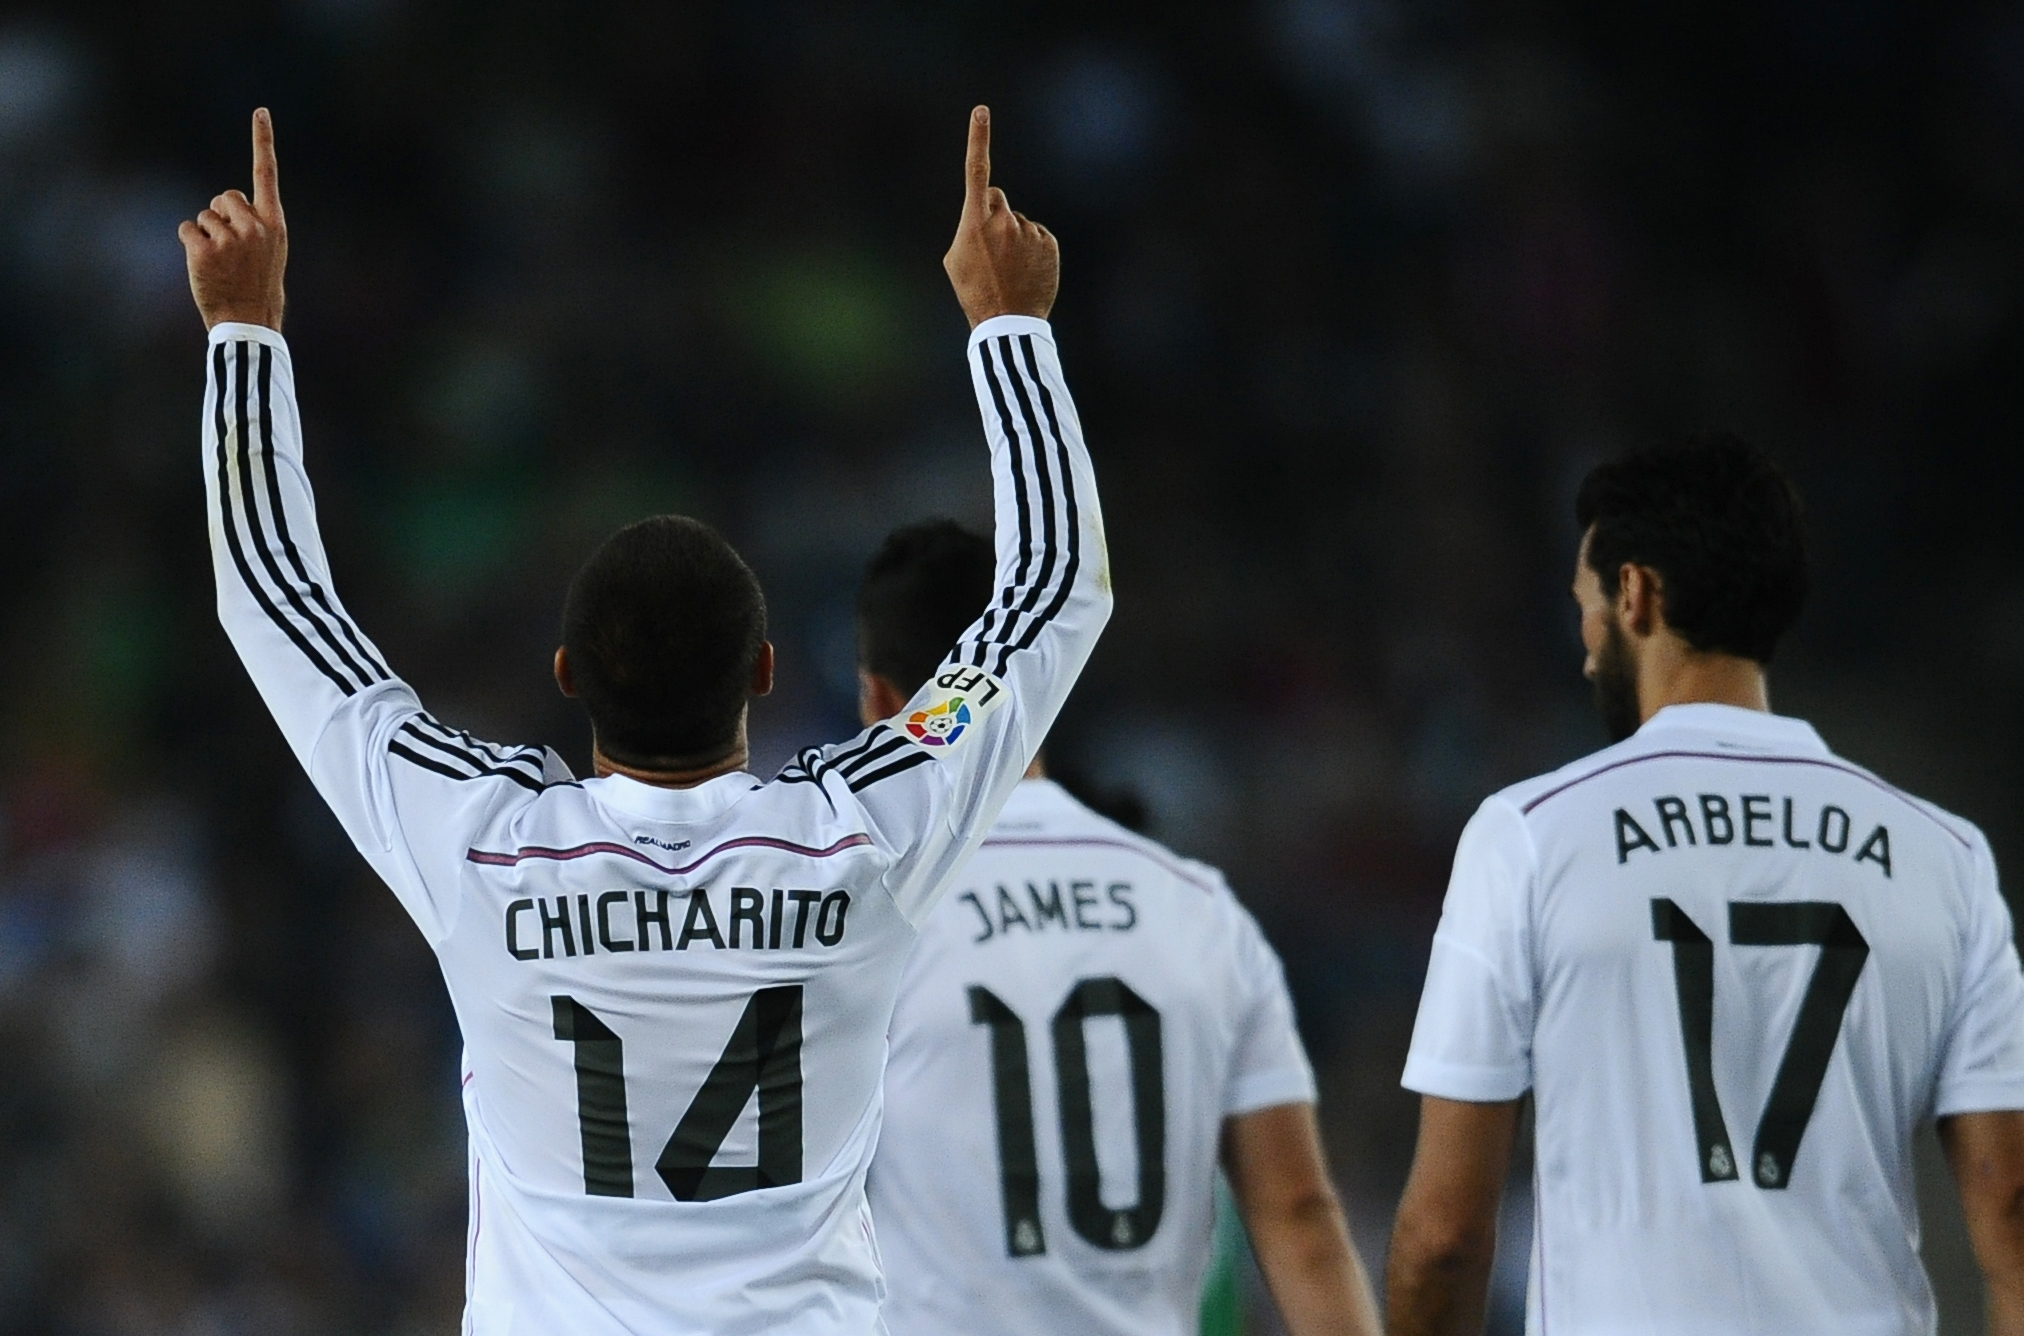 'Chicharito' participa en victoria del Madrid 4-1 al Cornella